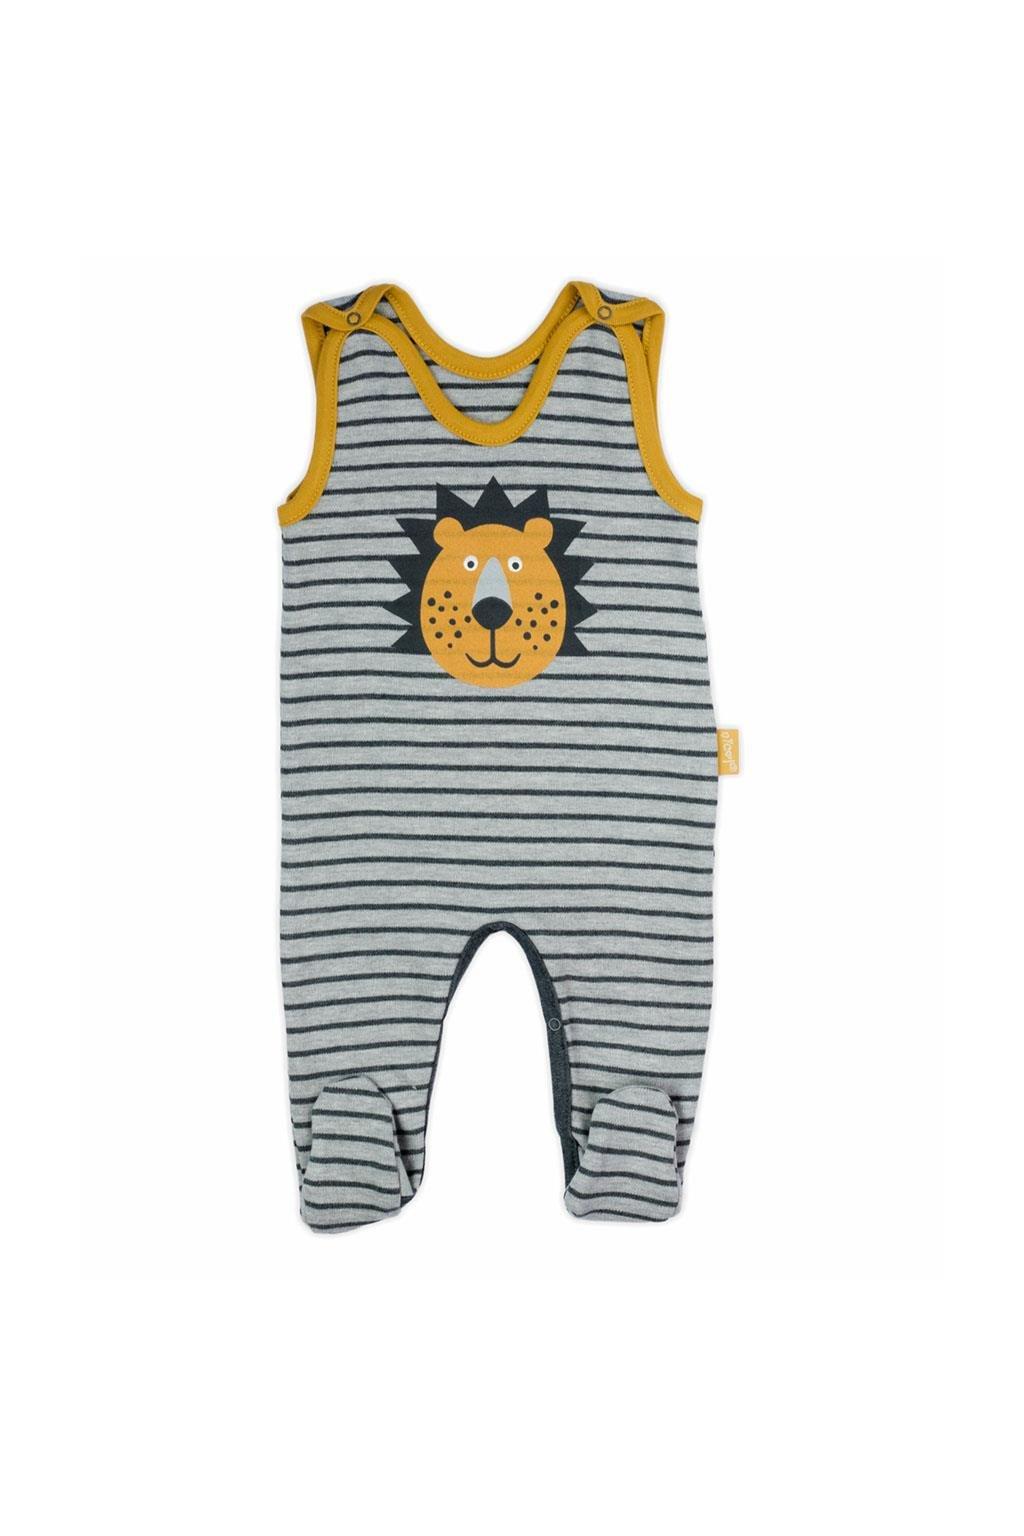 Dojčenské bavlnené dupačky Nicol Prince Lion NJSK 173023